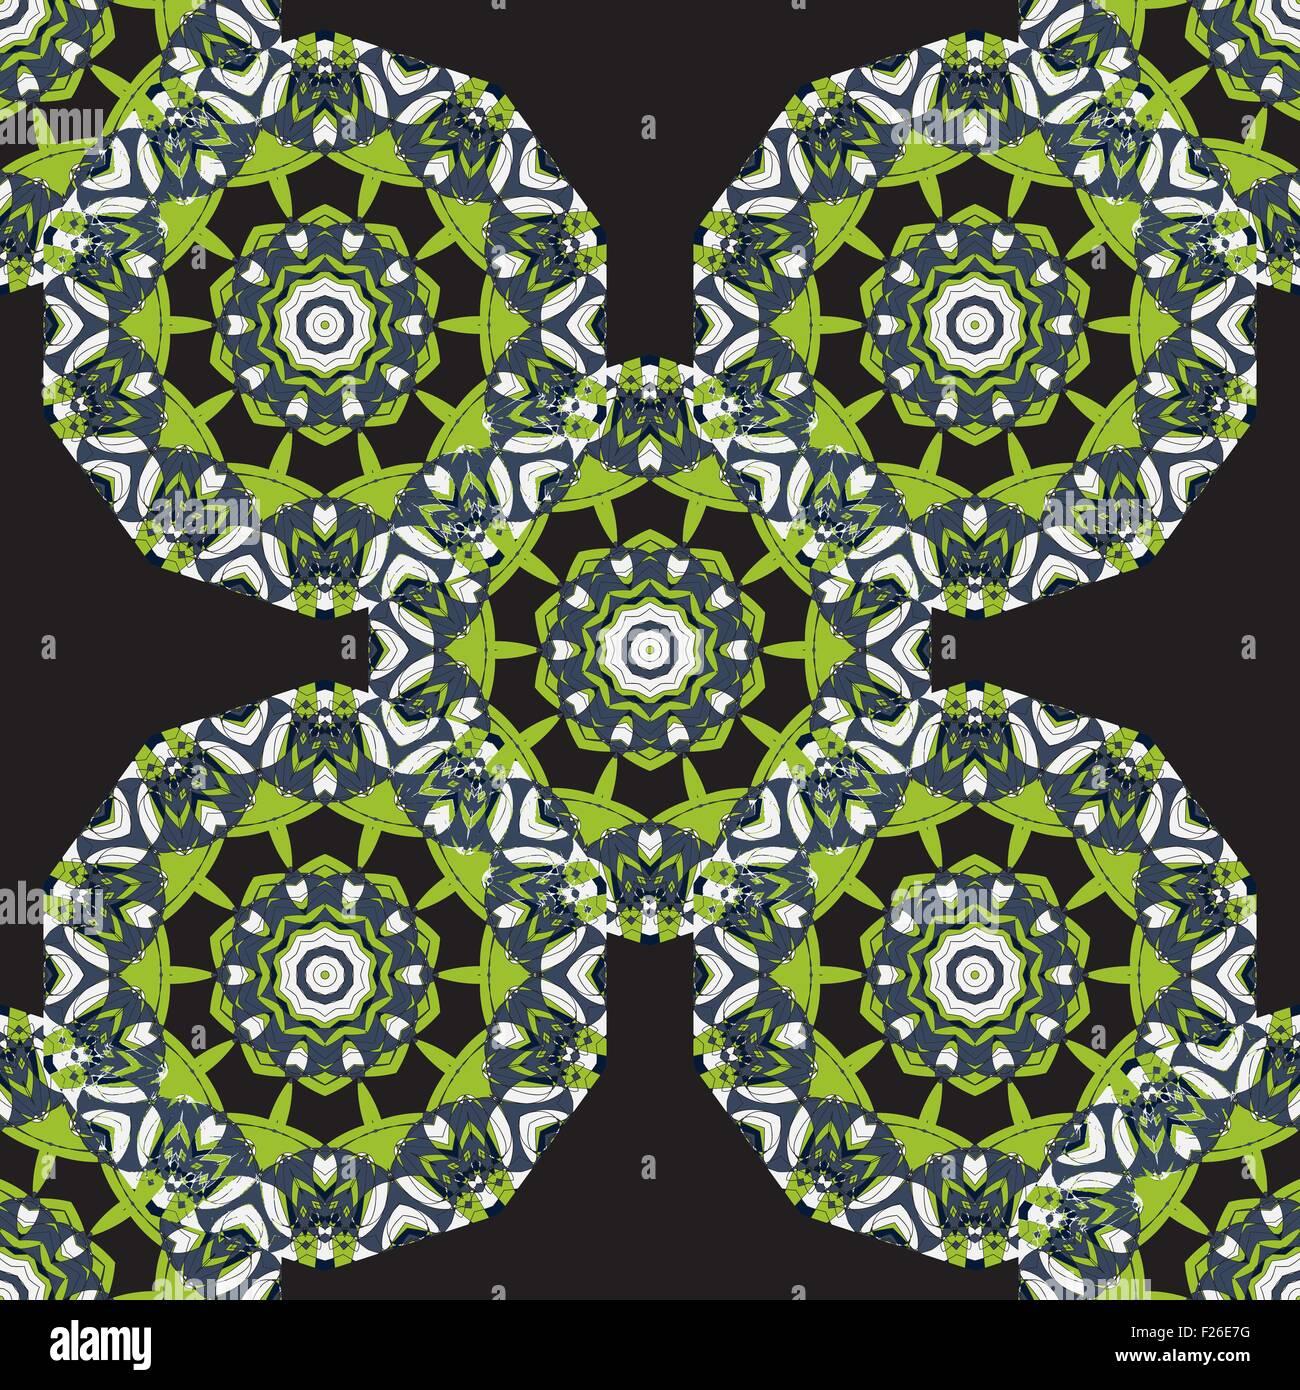 Nahtlose Runde Tapete Mandala Grün. Runde Rahmen Mandala. Kreisförmige  Ornamentales Muster. Vintage Deko Elemente. Handgezeichnete Hintergrund.